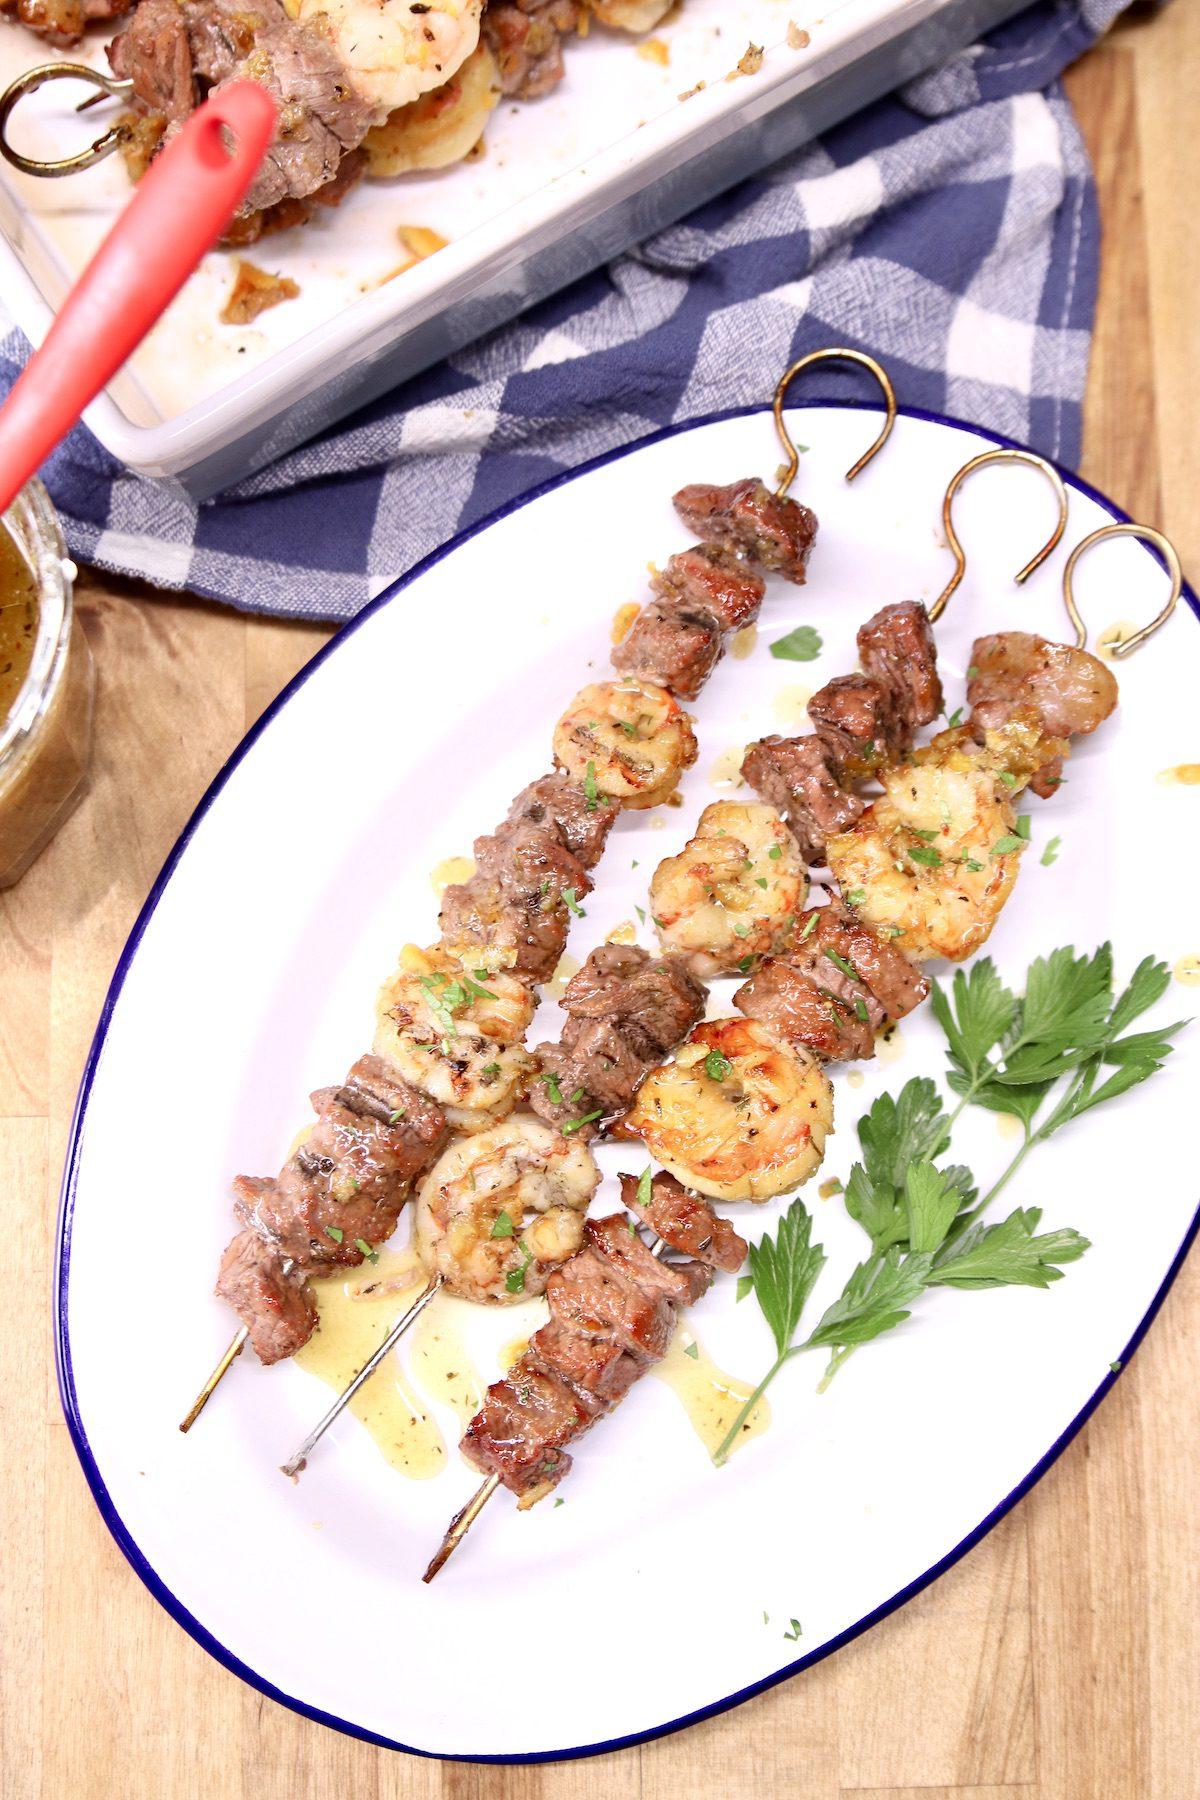 platter with 3 steak & shrimp kabobs